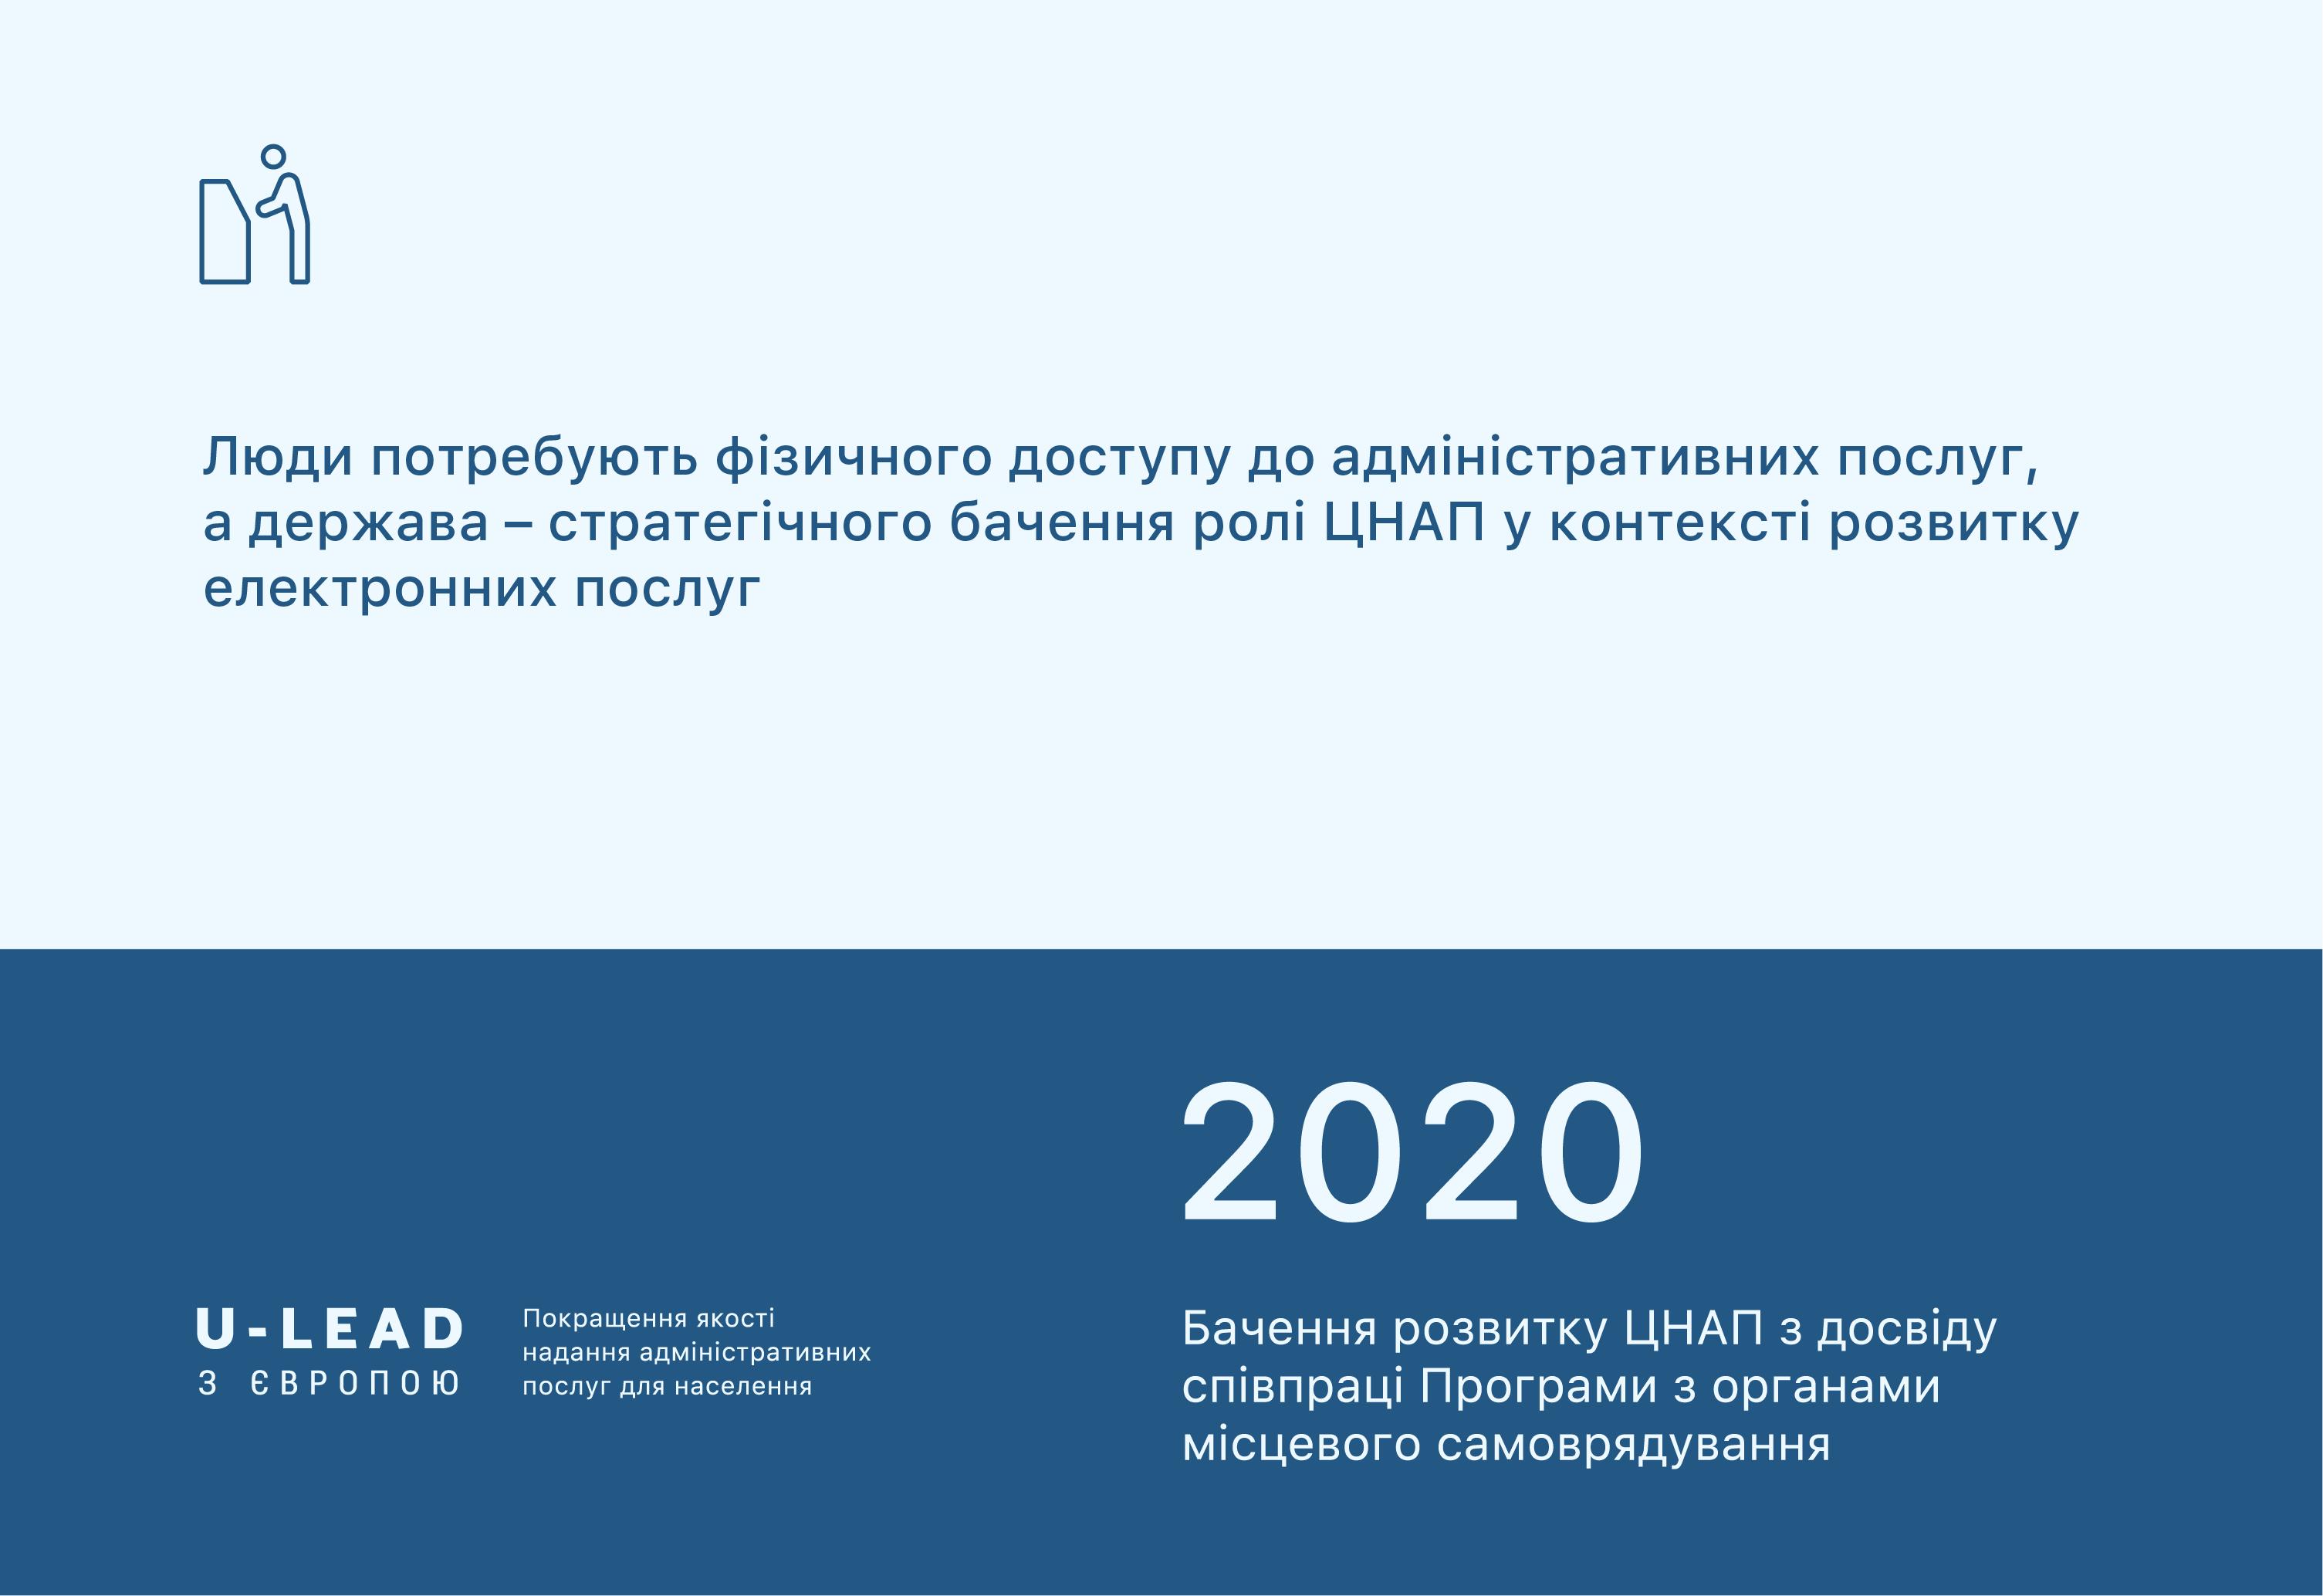 ЦНАП2020: головні питання у сфері покращення якості надання адмінпослуг населенню